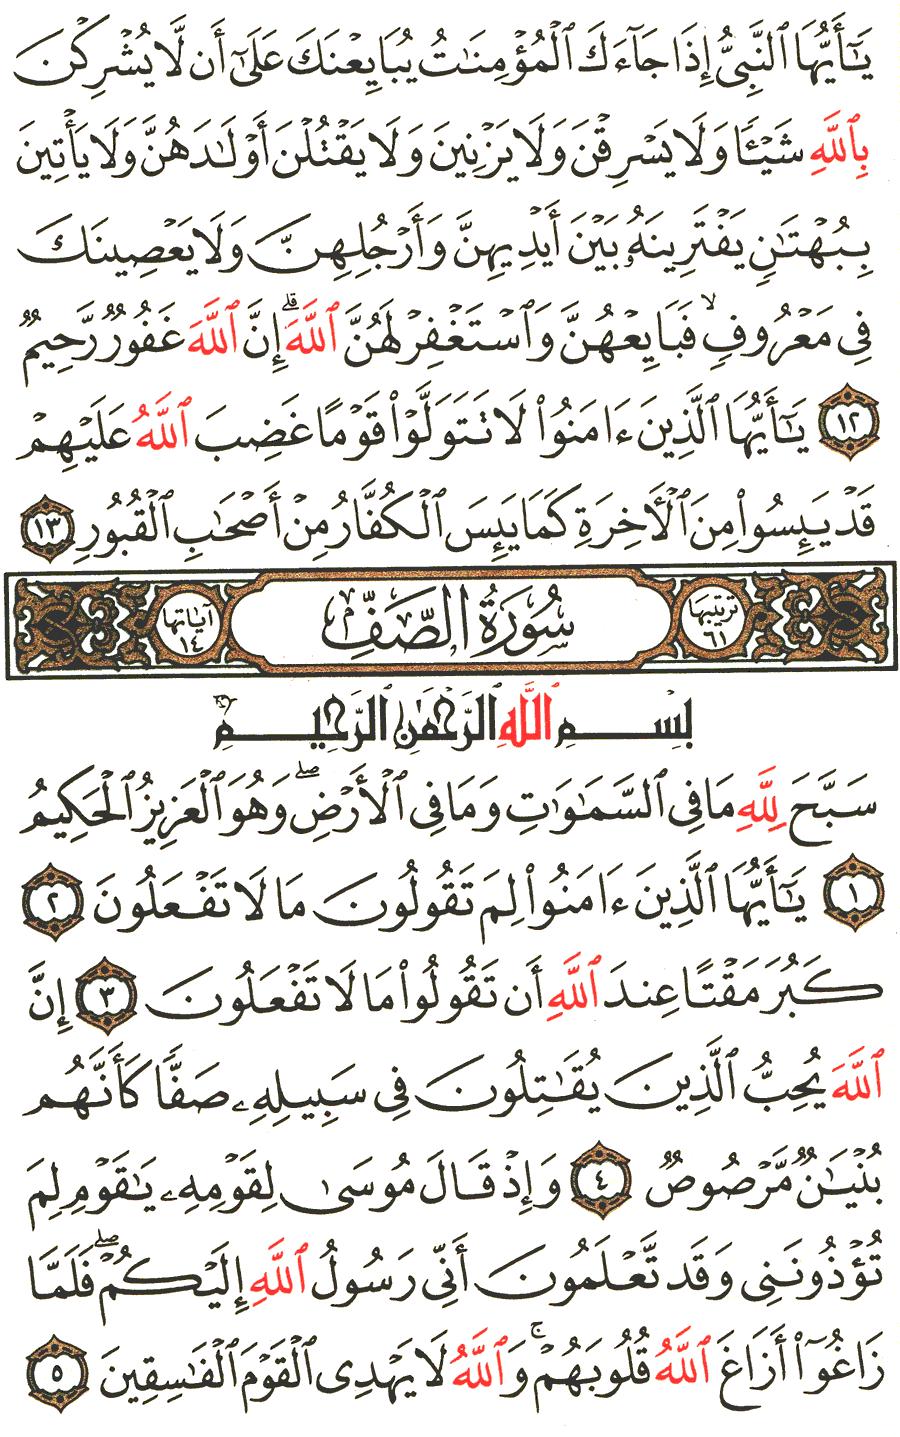 الصفحة رقم 551 من القرآن الكريم مكتوبة من المصحف